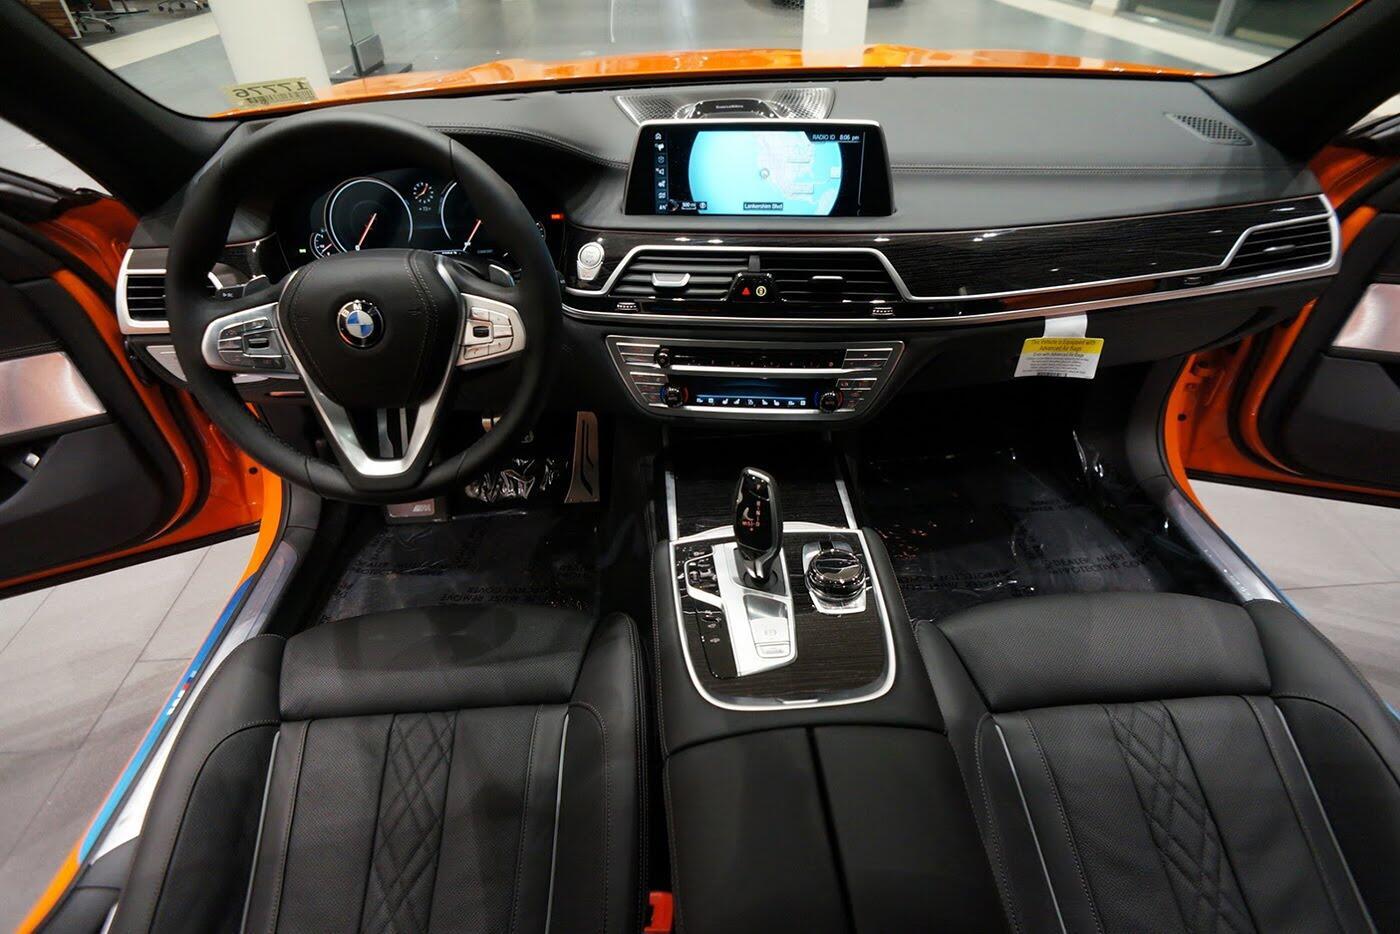 Cận cảnh BMW 750i 2017 phiên bản đặc biệt Fire Orange - Hình 8